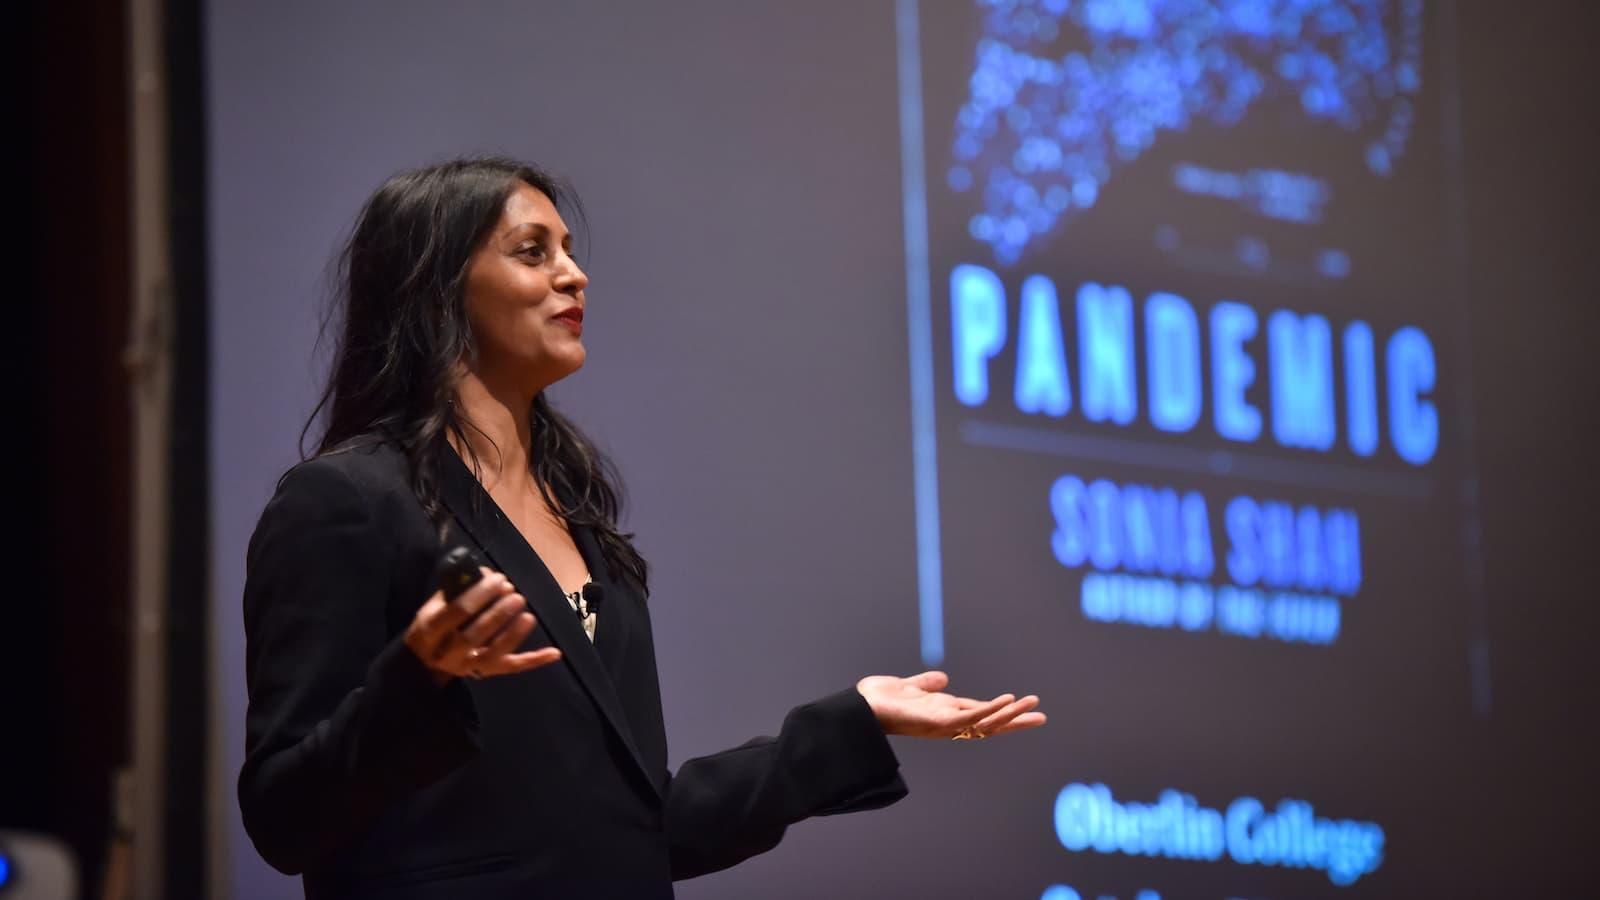 Sonia Shah giving a presentation.